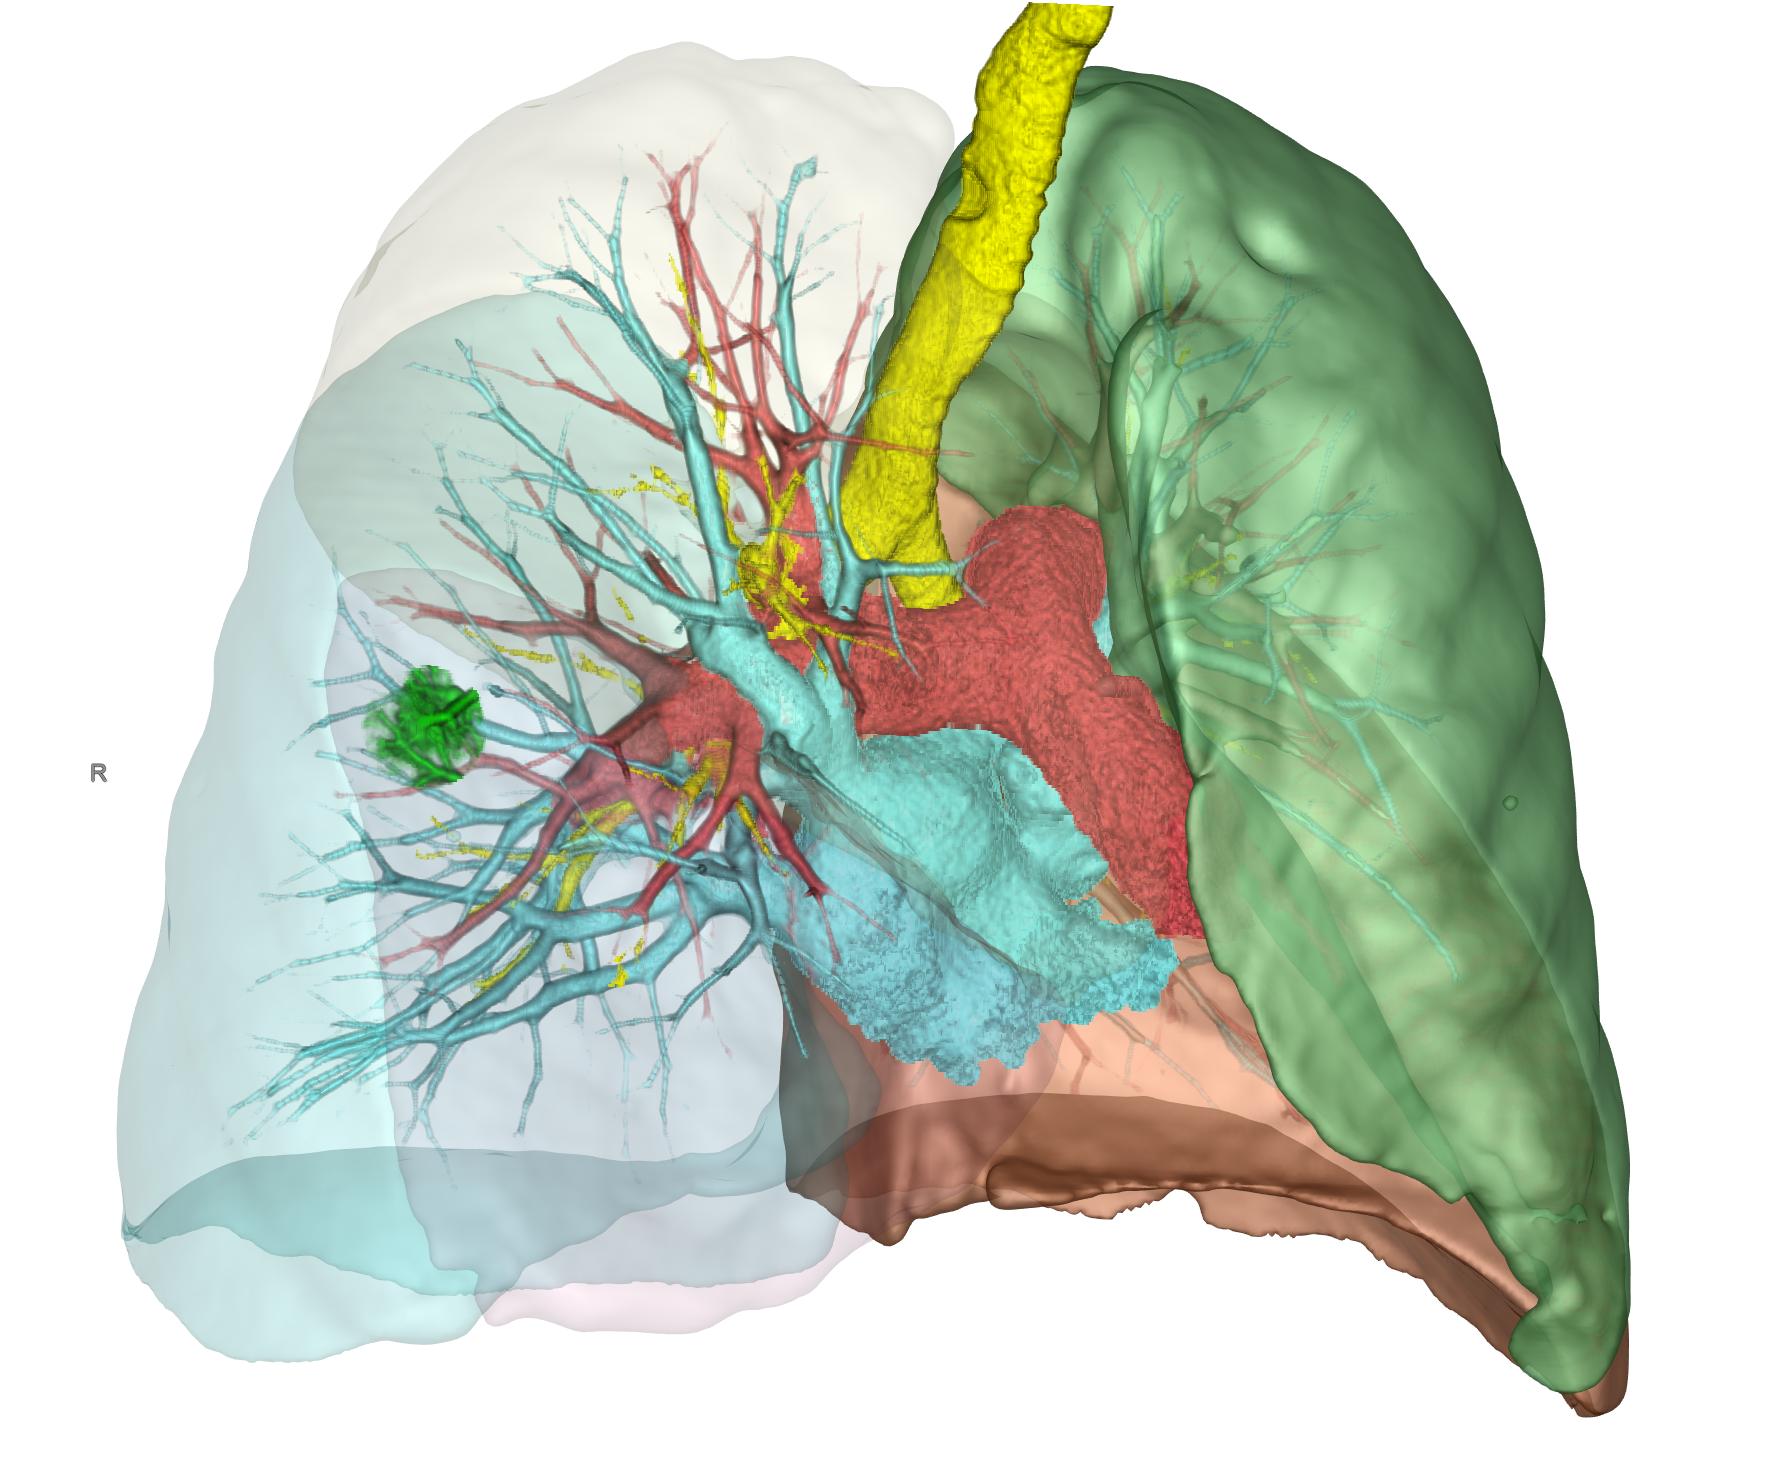 3D-Darstellung der Lunge und des zu resezierenden Tumors